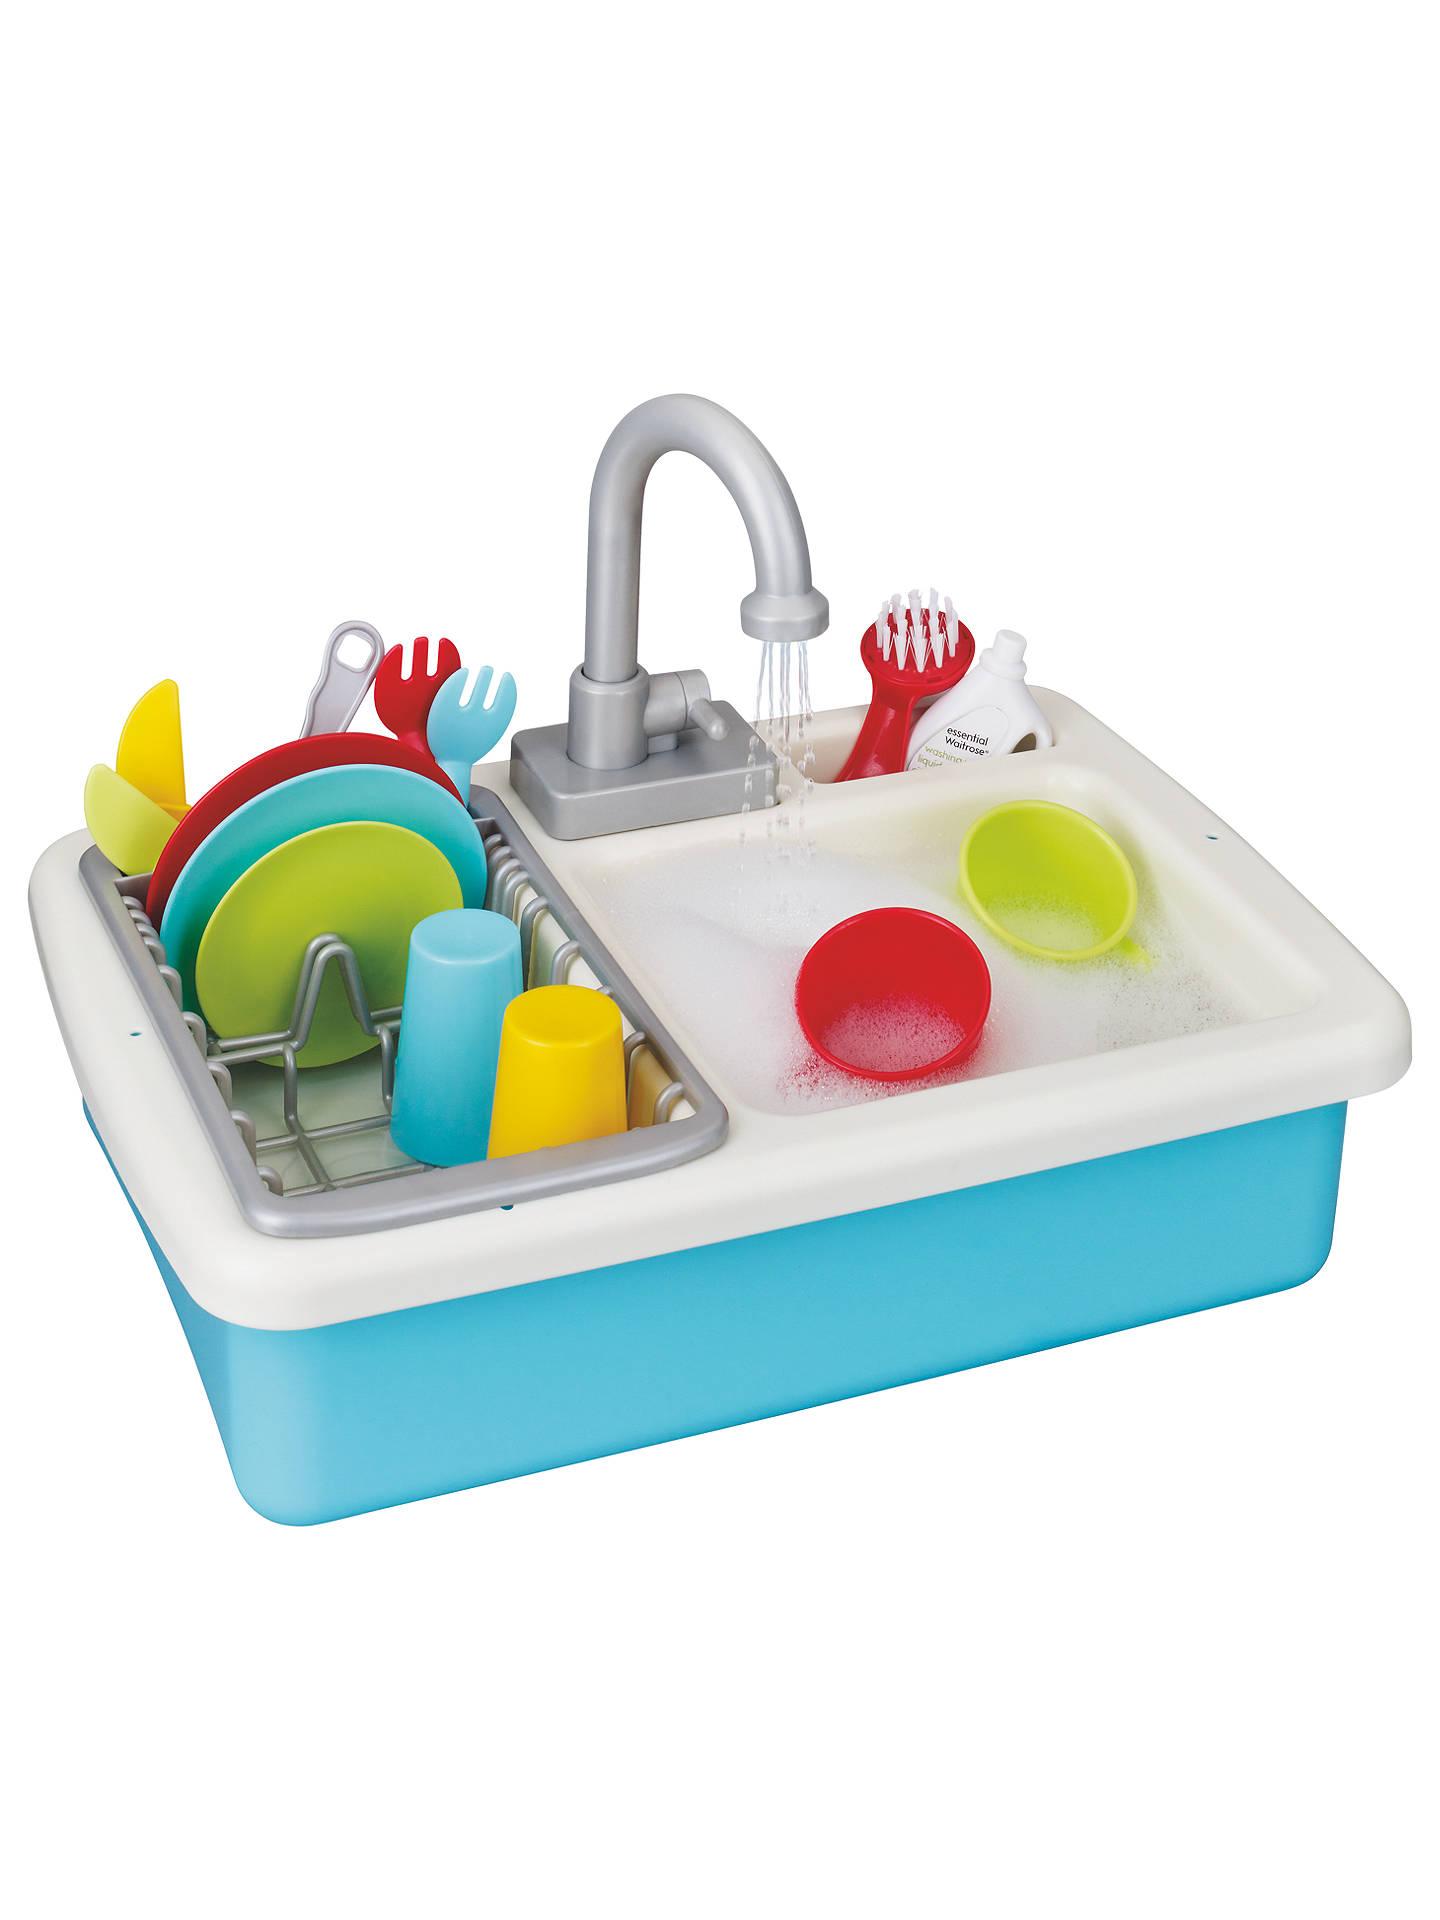 Buyjohn lewis partners wash up kitchen sink playset online at johnlewis